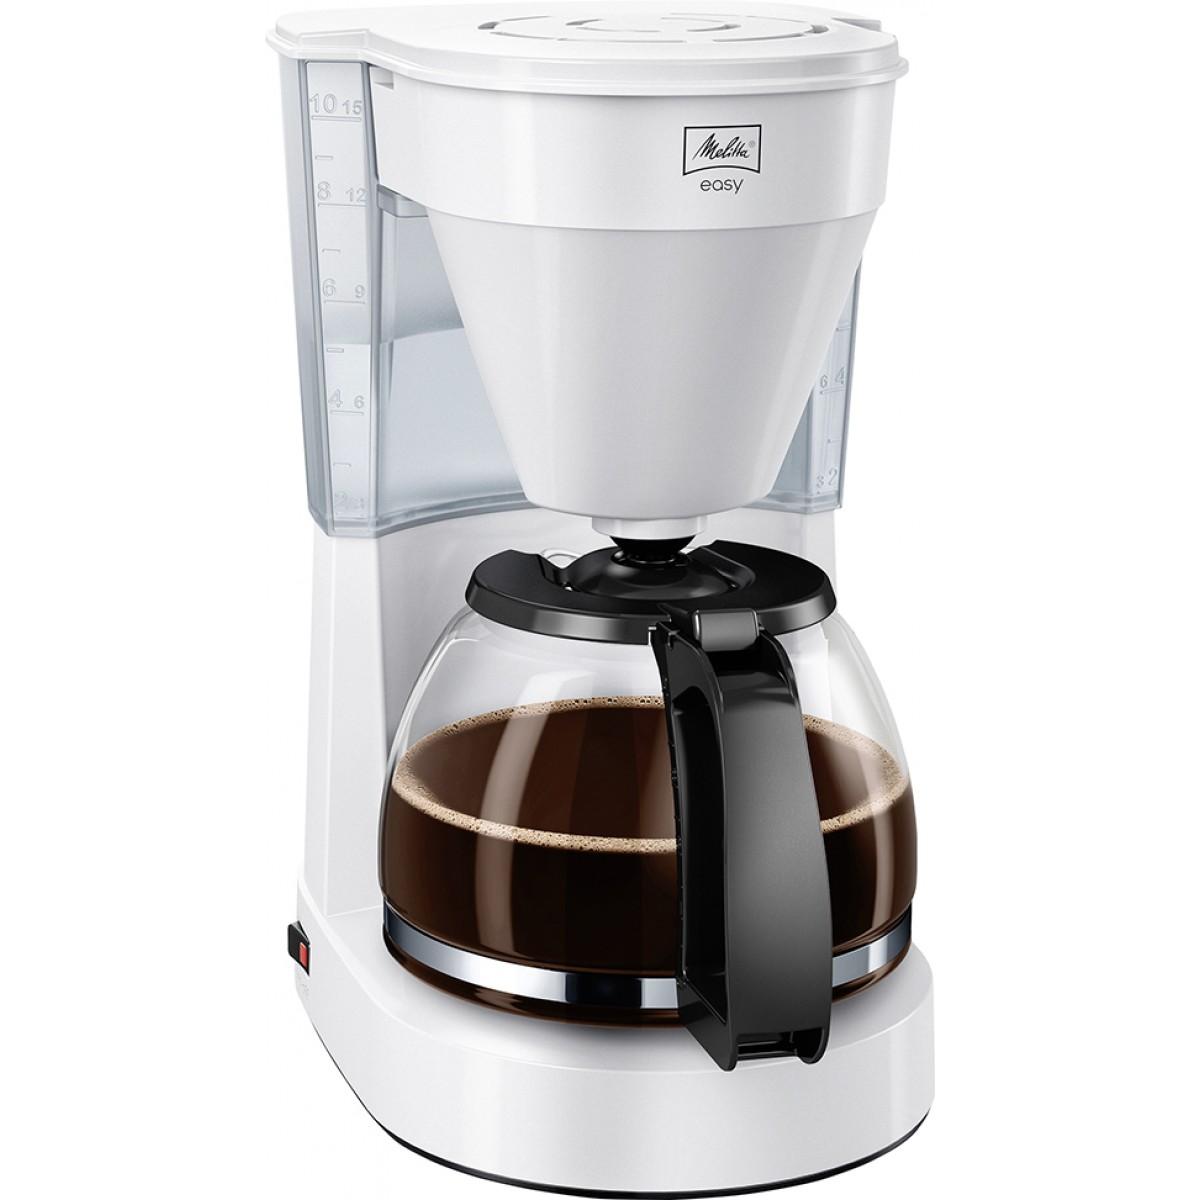 MELITTA Kaffemaskine Easy II hvid